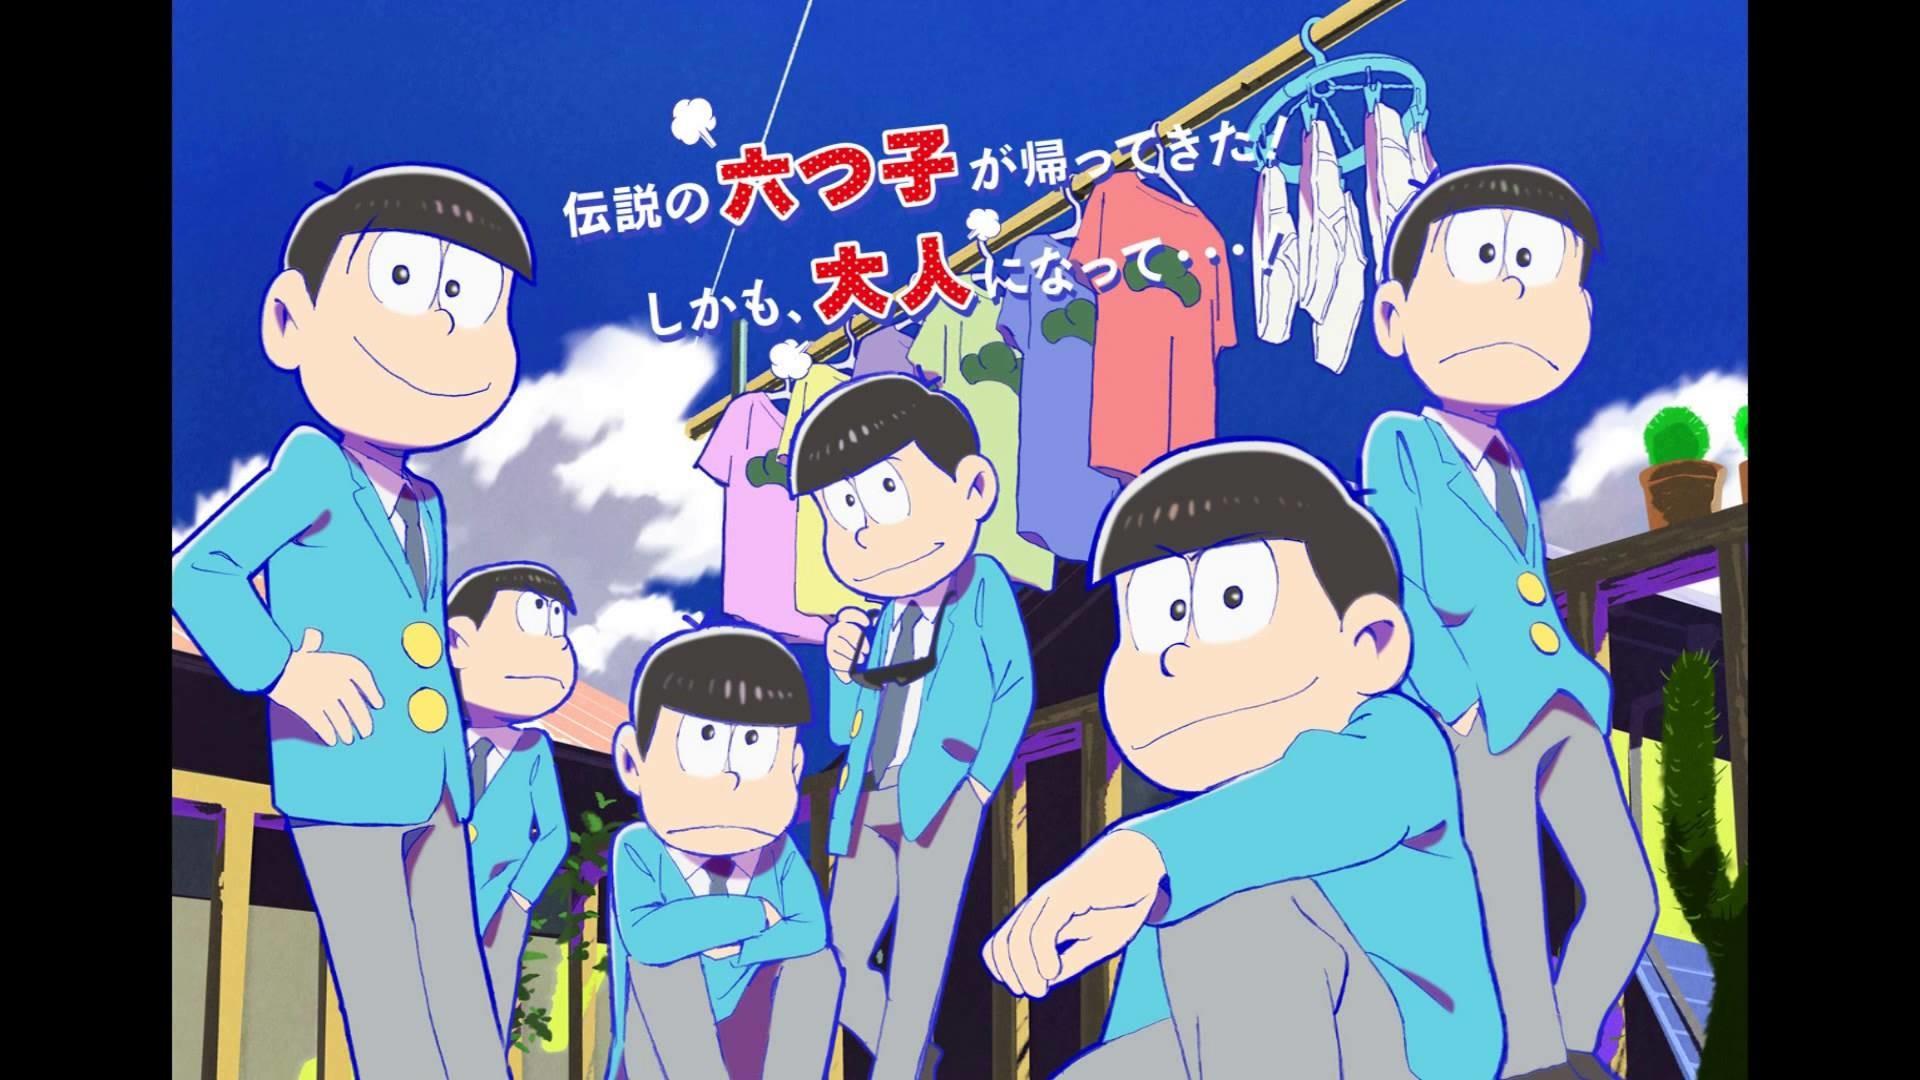 แนะนำ Anime osomatsu-san Ep.6